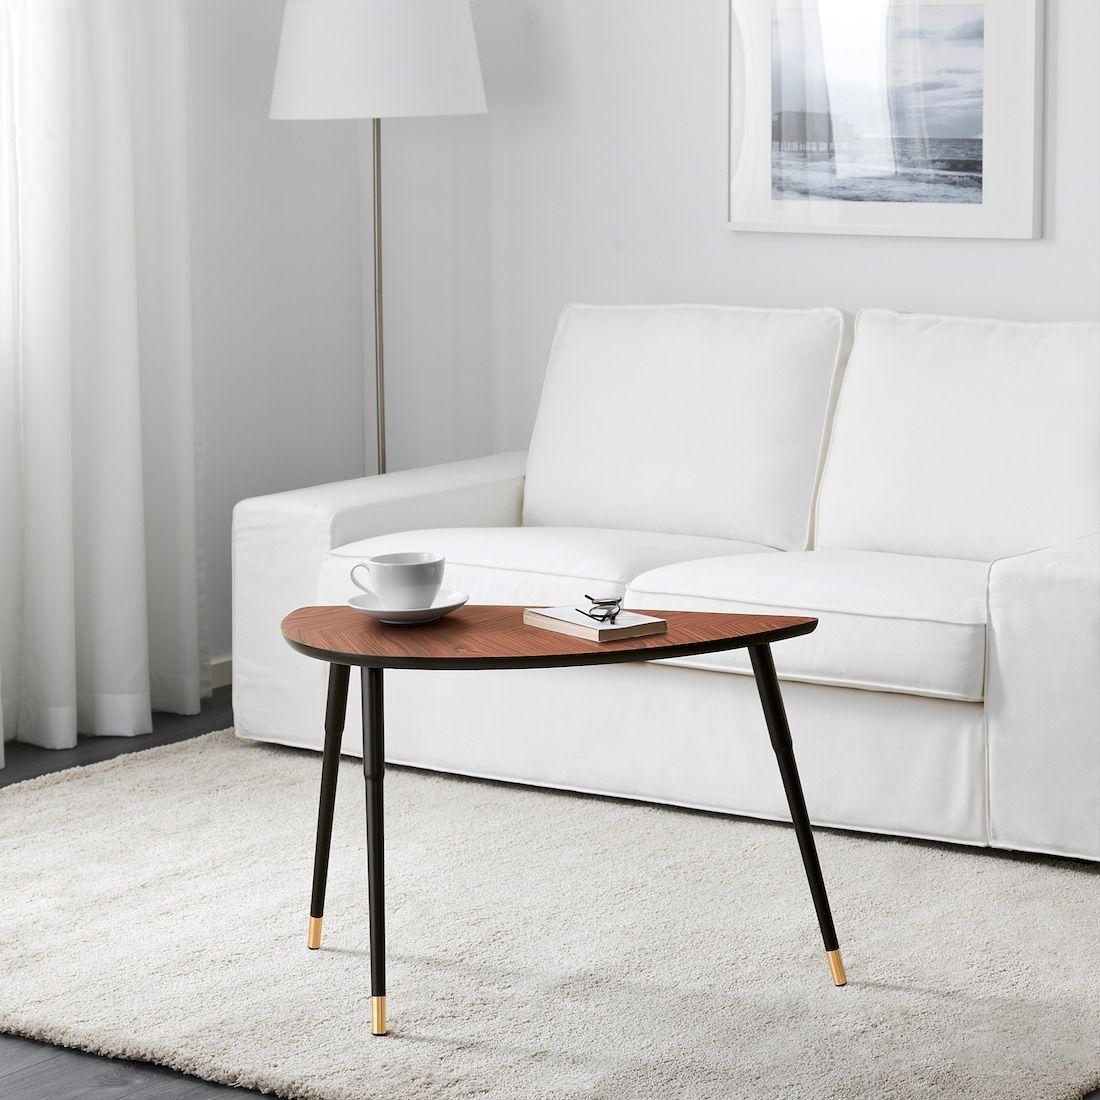 Lovbacken Side Table Medium Brown 30 3 8x15 3 8 Ikea Retro Side Table Coffee Table Ikea [ 1100 x 1100 Pixel ]